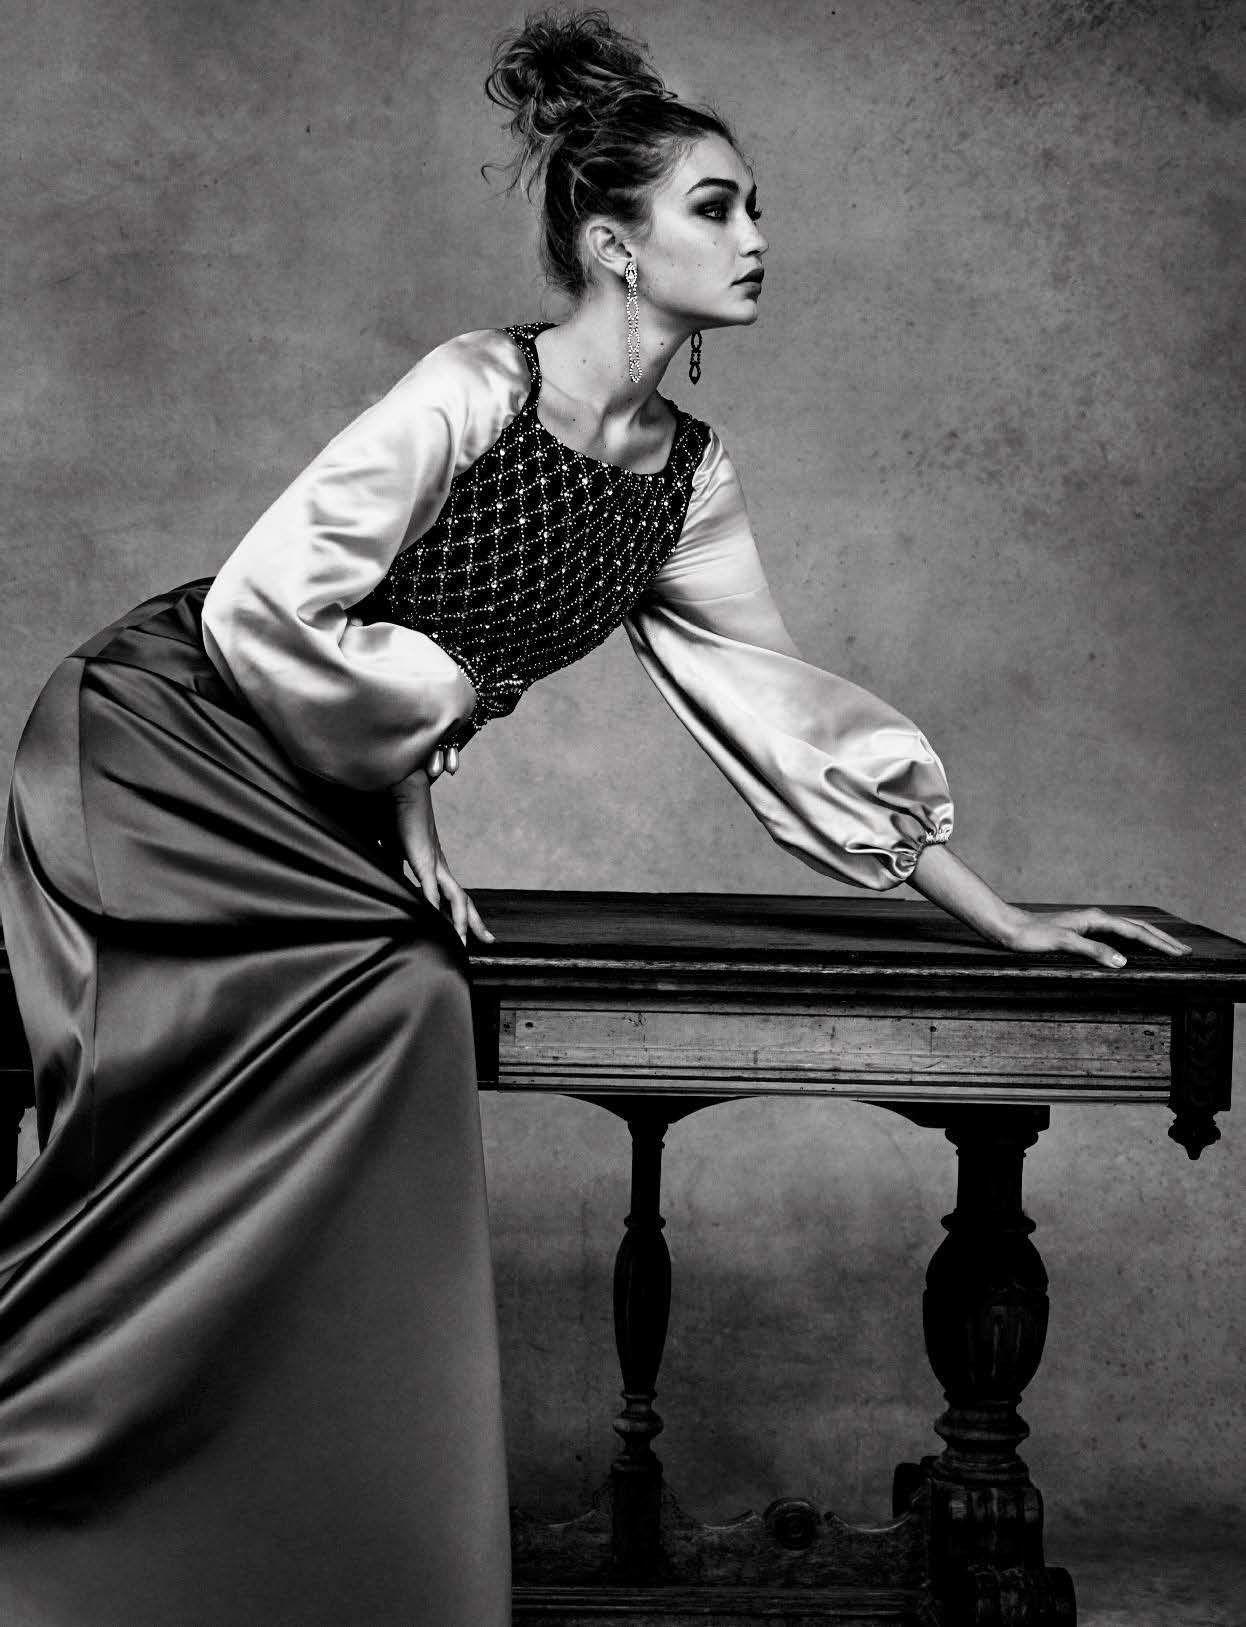 e417c3e92 Gigi Hadid by Patrick Demarchelier for Vogue Italia April 2016 ...